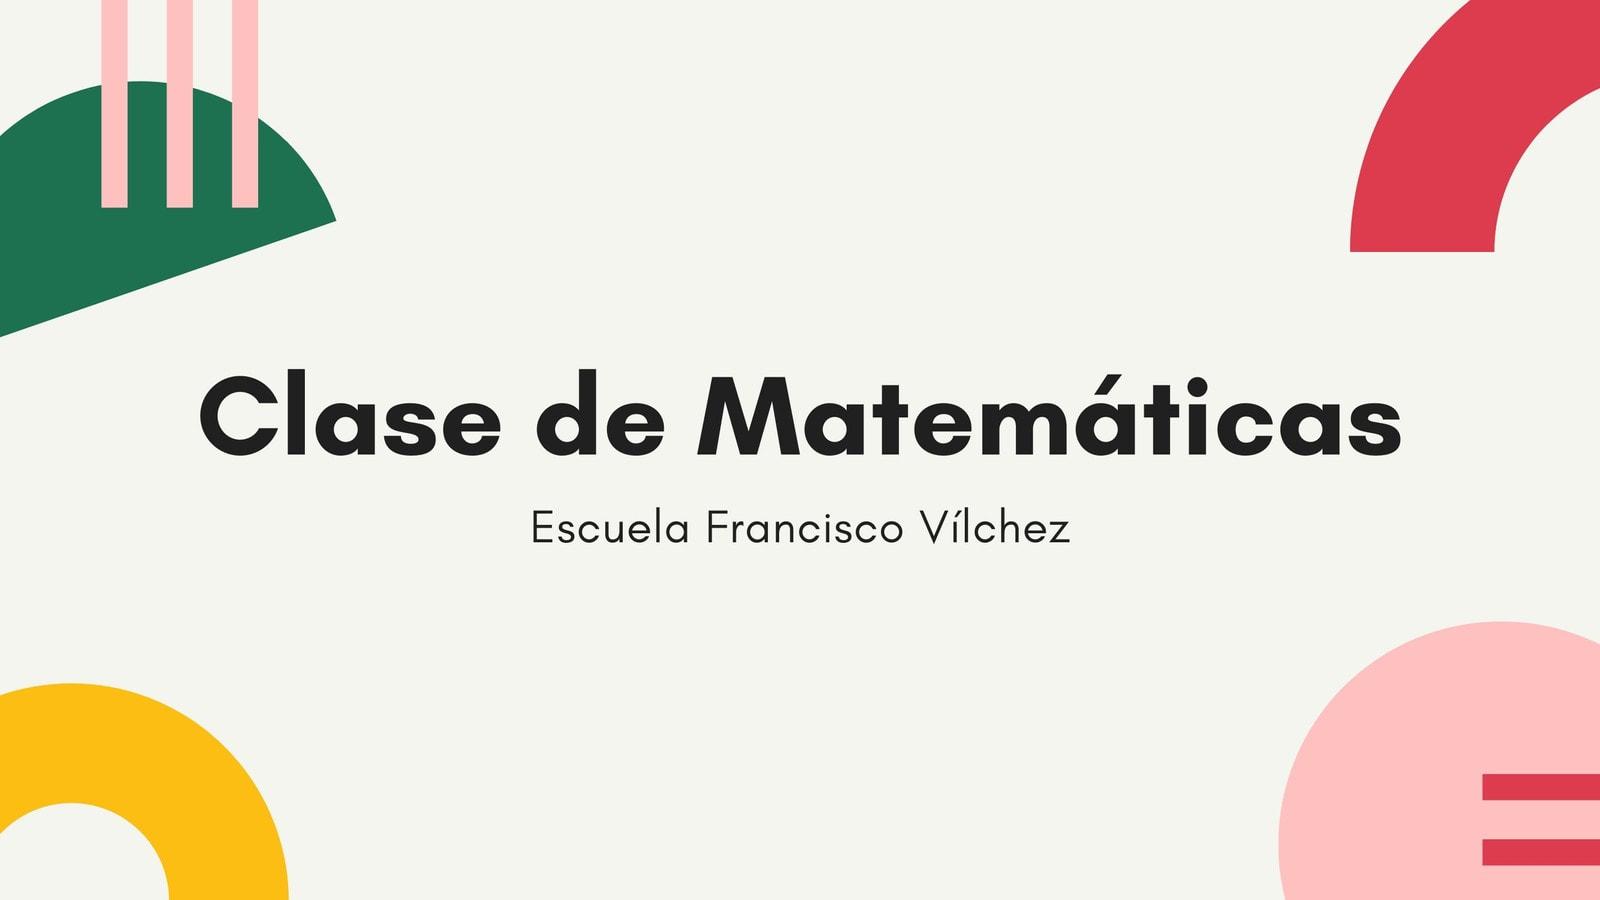 Rojo Verde Amarillo Colorido Geométrico Clase de Matemáticas Presentación Educativa